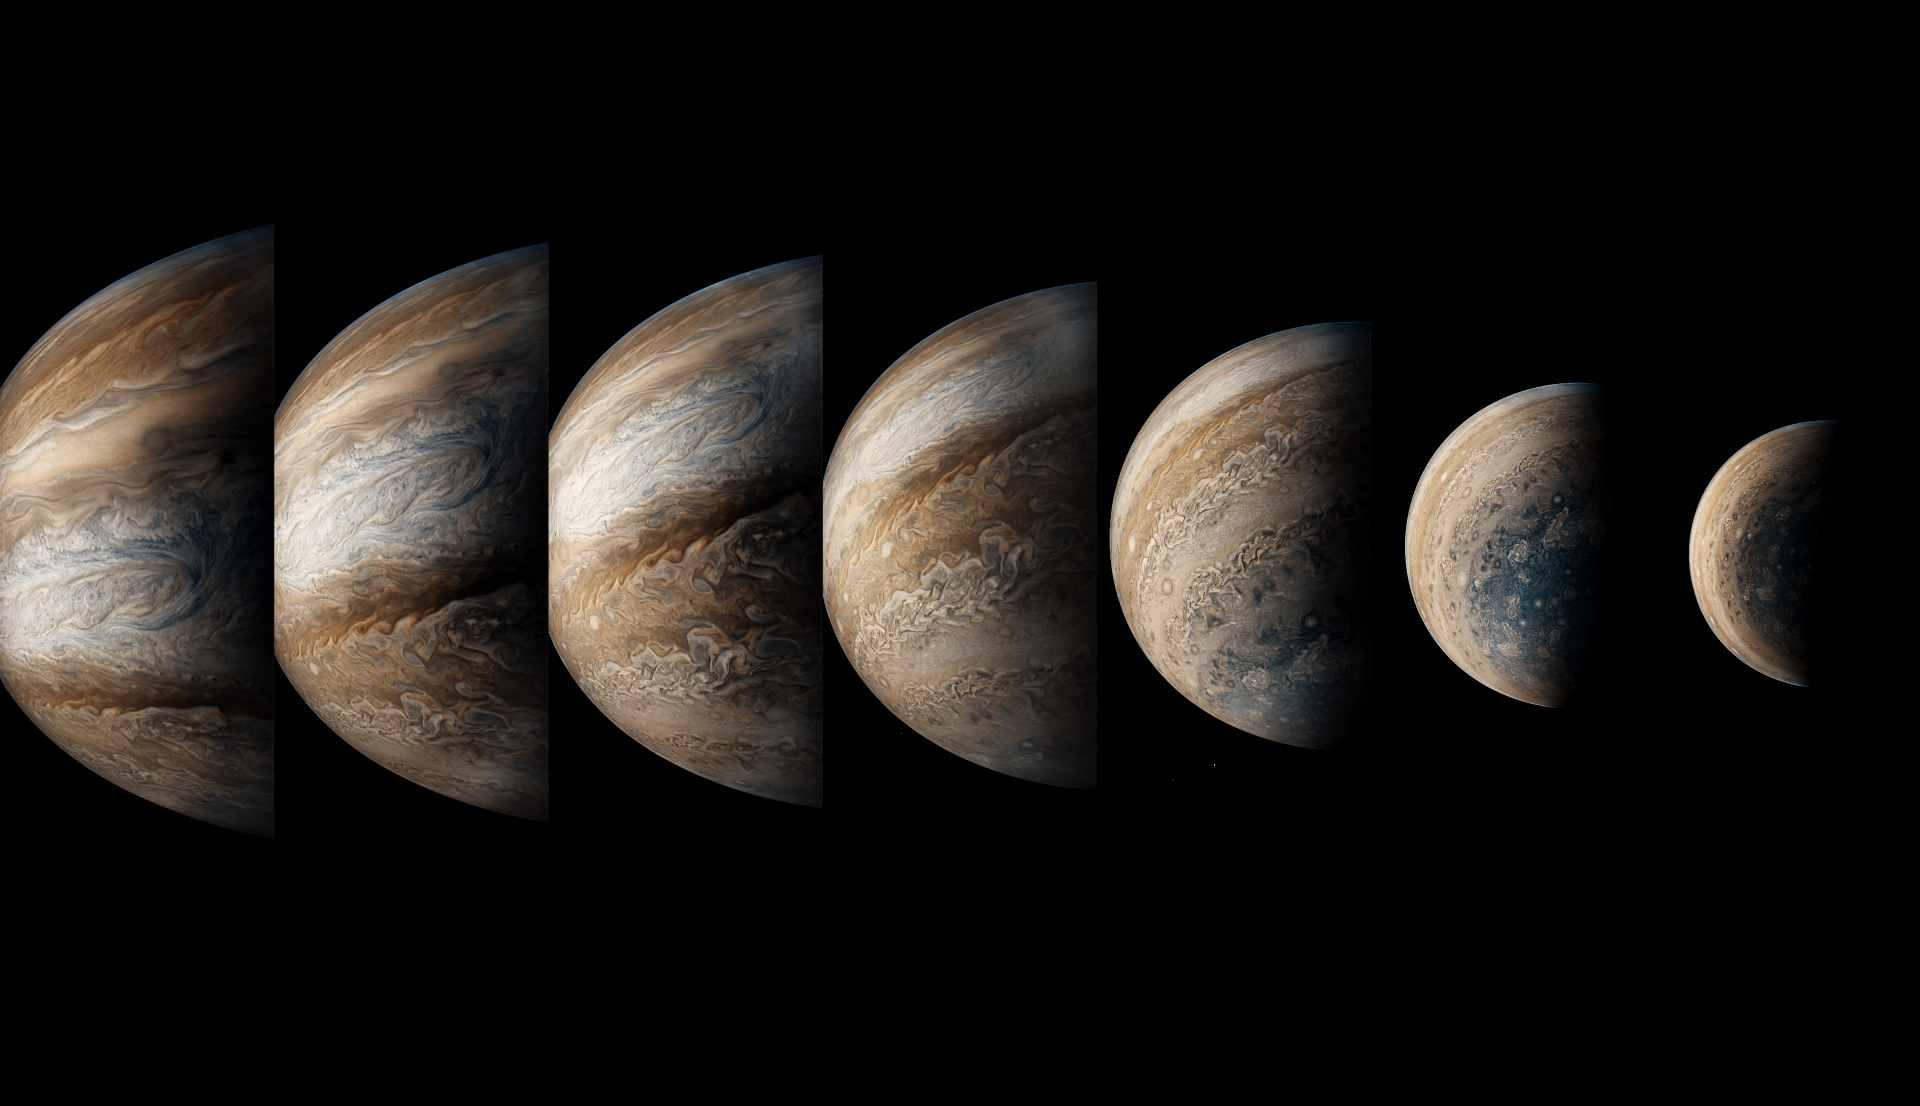 júpiter 05